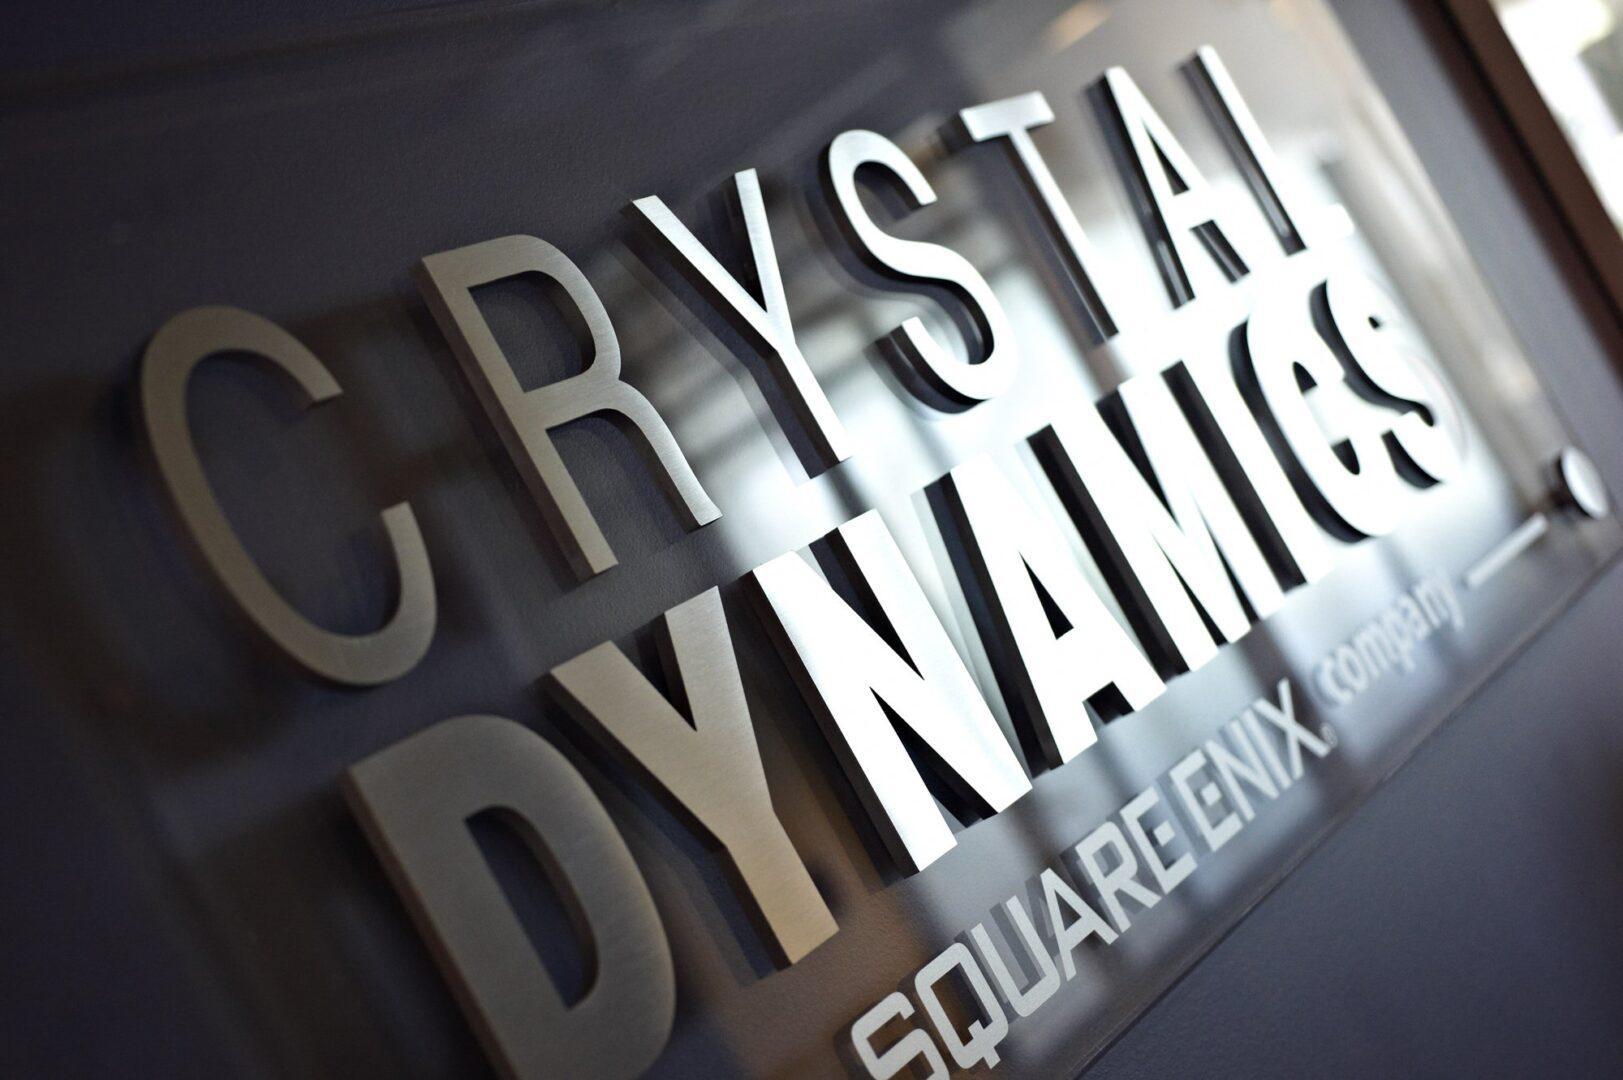 Crystal Dynamics открывает студию Southwest под руководством ветерана индустрии 2